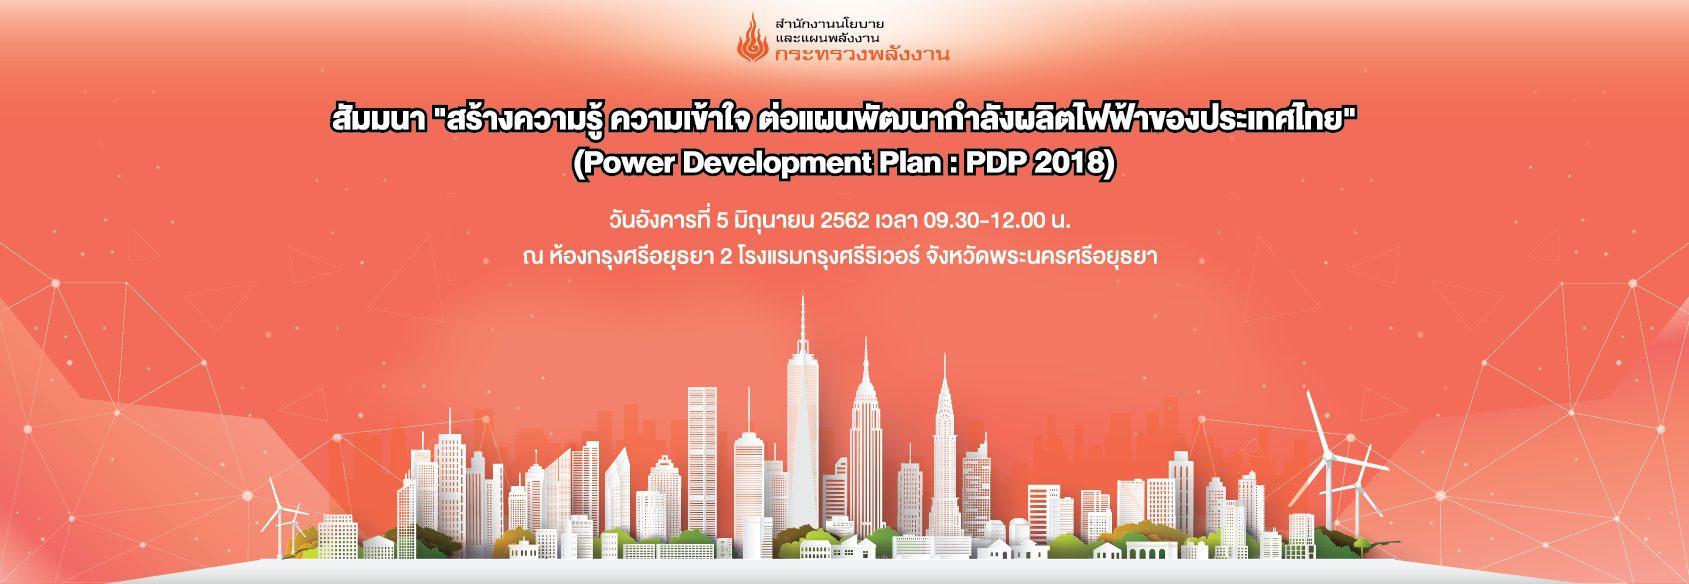 """กิจกรรมสัมมนา """"สร้างความรู้ ความเข้าใจ ต่อแผนพัฒนากำลังผลิตไฟฟ้าของประเทศไทย พ.ศ.2561-2580 (Power Development Plan : PDP 2018)""""  วันที่ 5 มิถุนายน 2562 เวลา 09.30–12.00 น. ณ ห้องกรุงศรีอยุธยา 2 โรงแรมกรุงศรีริเวอร์ จังหวัดพระนครศรีอยุธยา"""